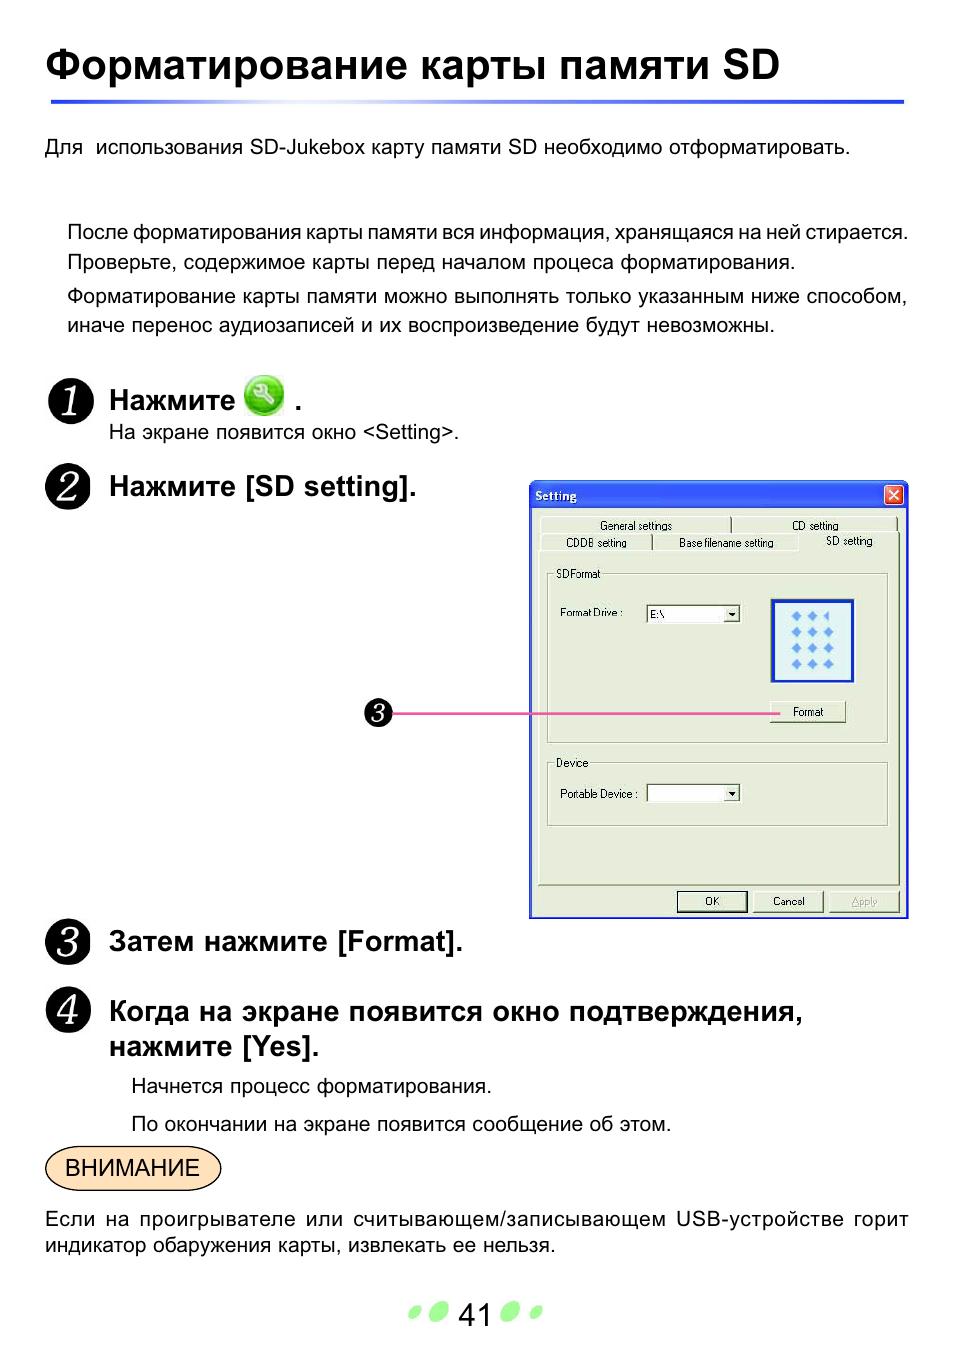 Как сделать форматирование карты памяти на телефоне